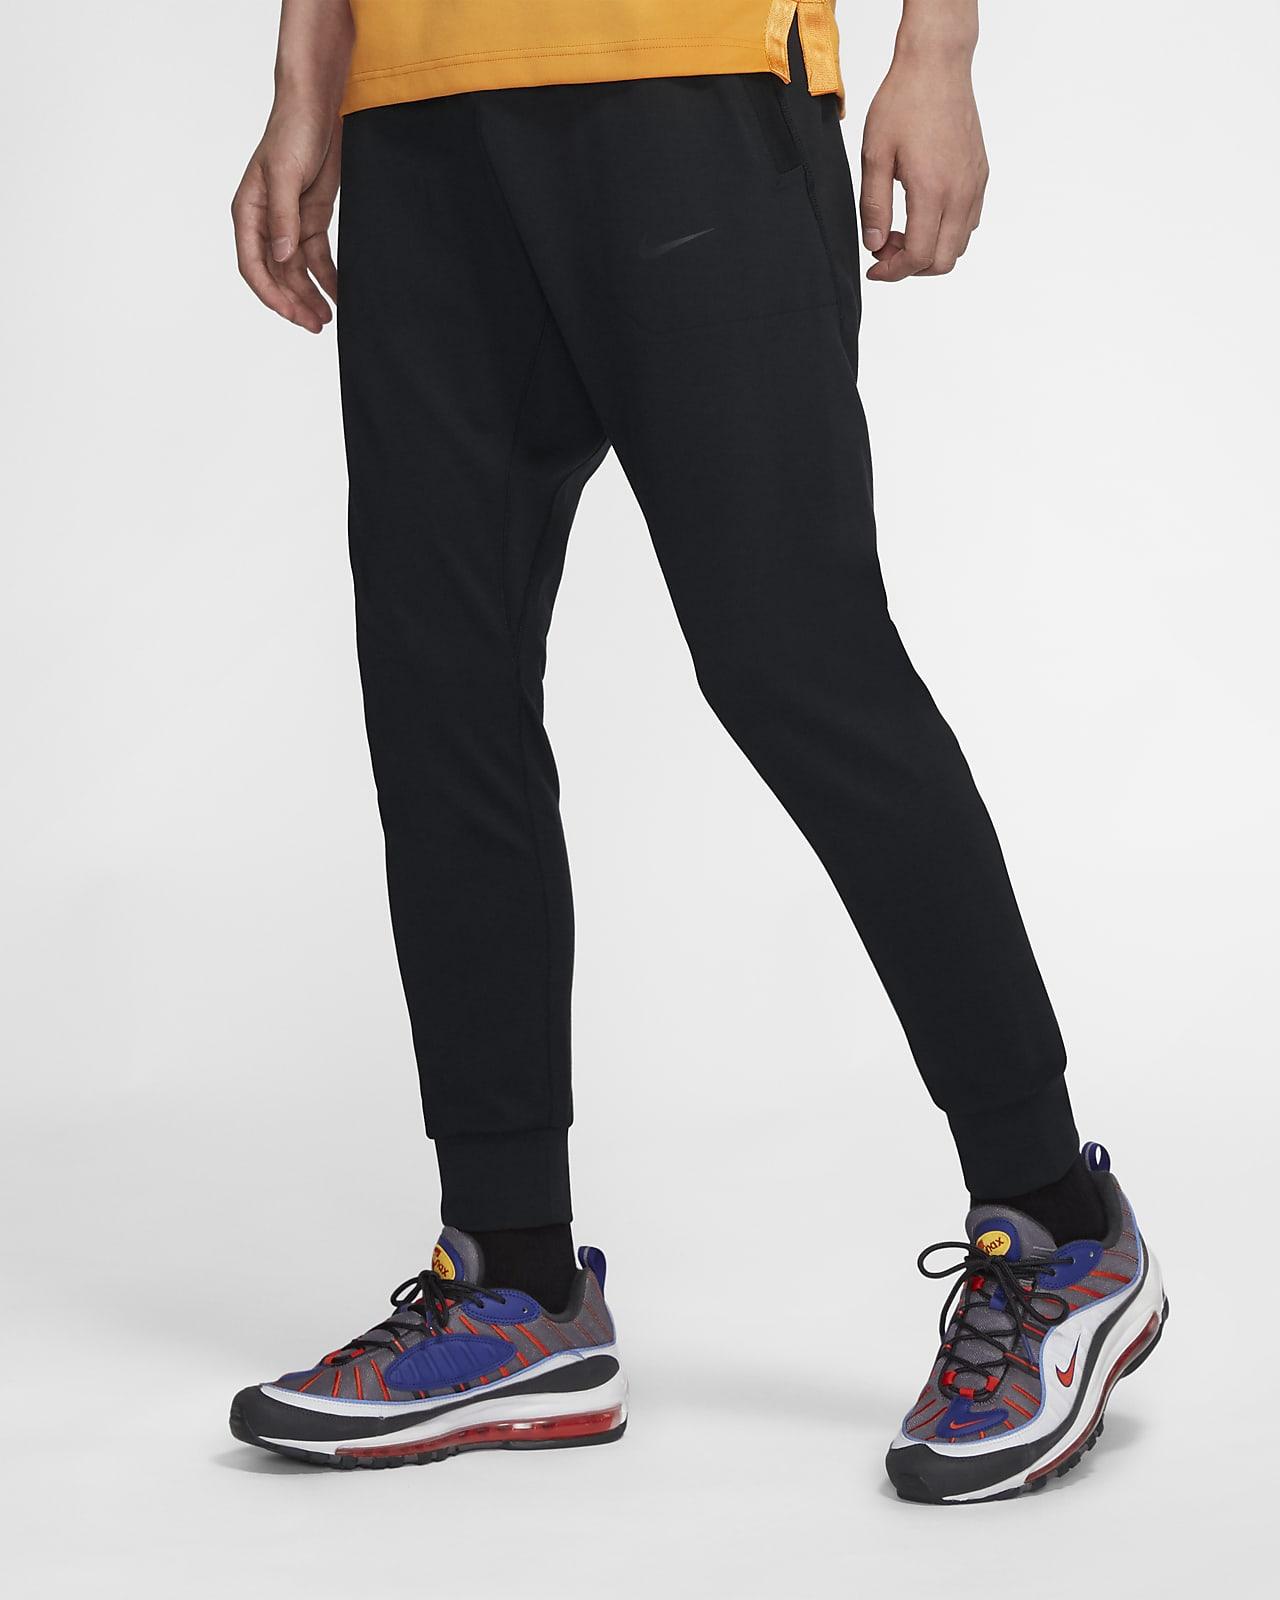 riñones considerado Él  Nike Sportswear Tech Pack Men's Knit Trousers. Nike ID